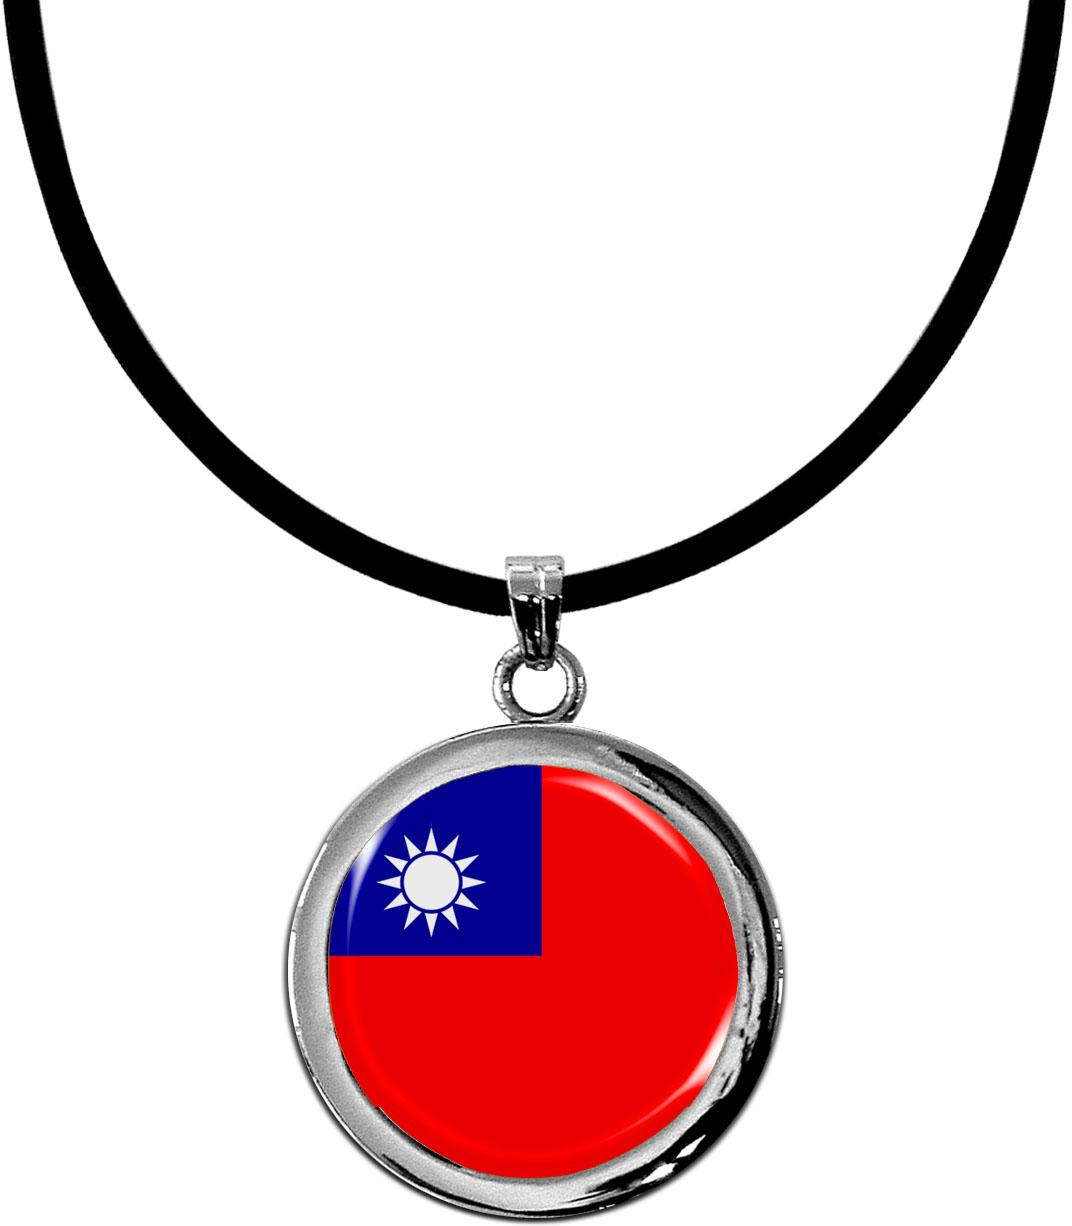 Kettenanhänger / Taiwan / Silikonband mit Silberverschluss